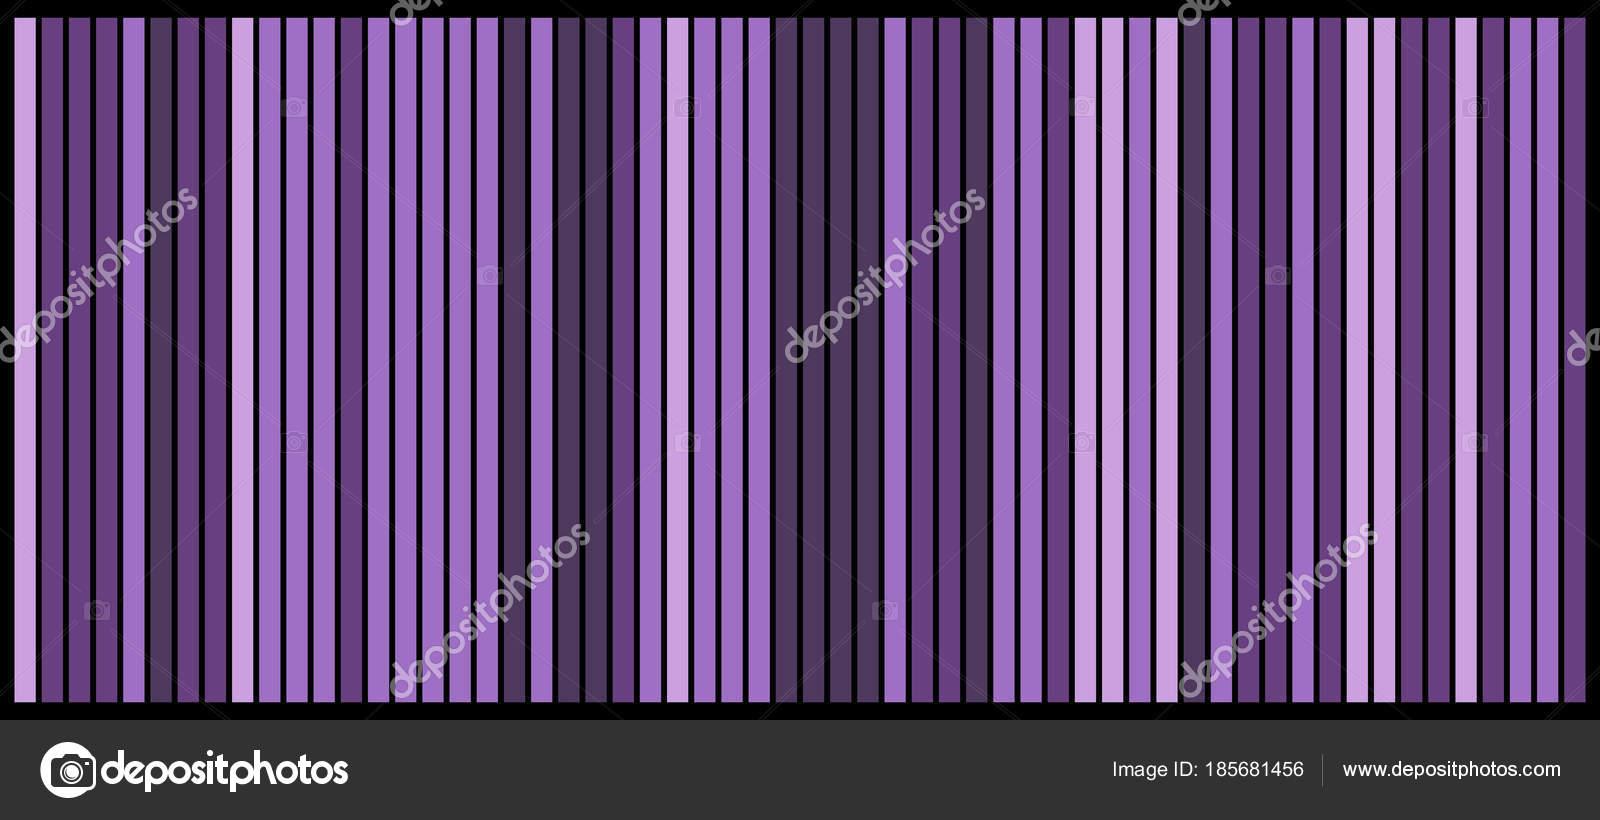 barras de rayas morado diseño fondo hermoso fondo de pantalla ...